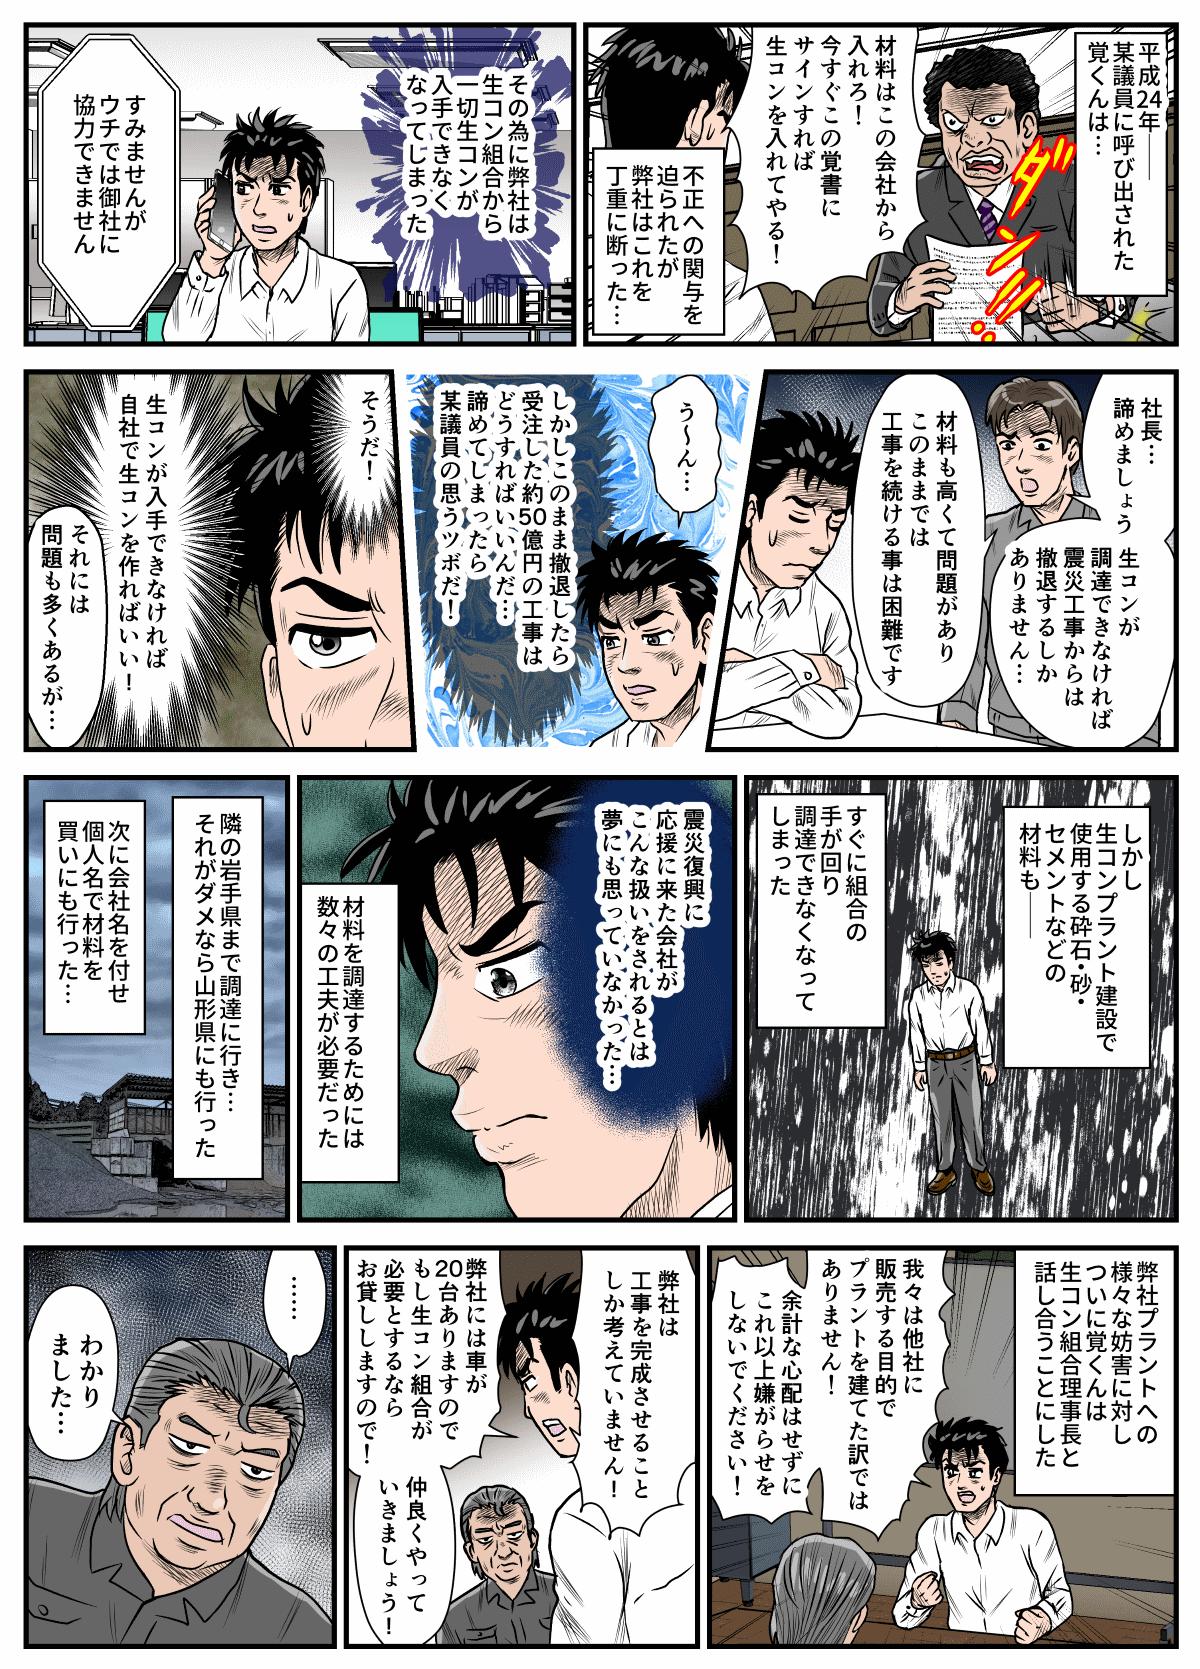 touhoku0701